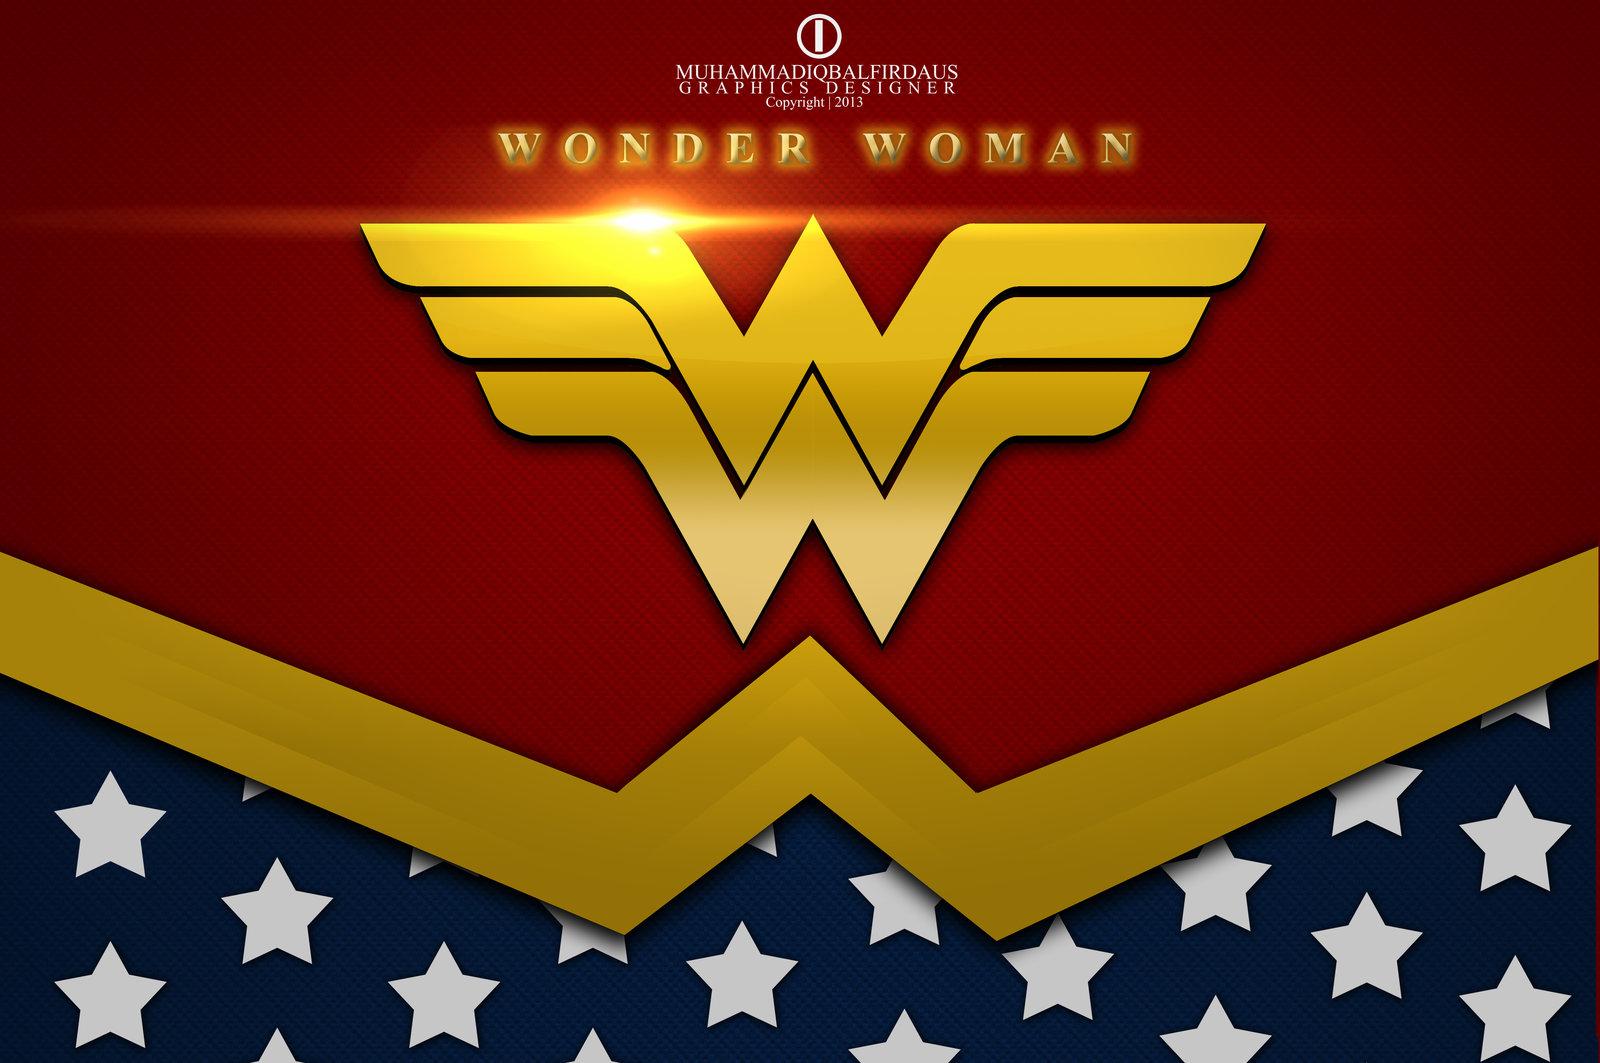 Wonder Woman Logo Wallpaper - WallpaperSafari